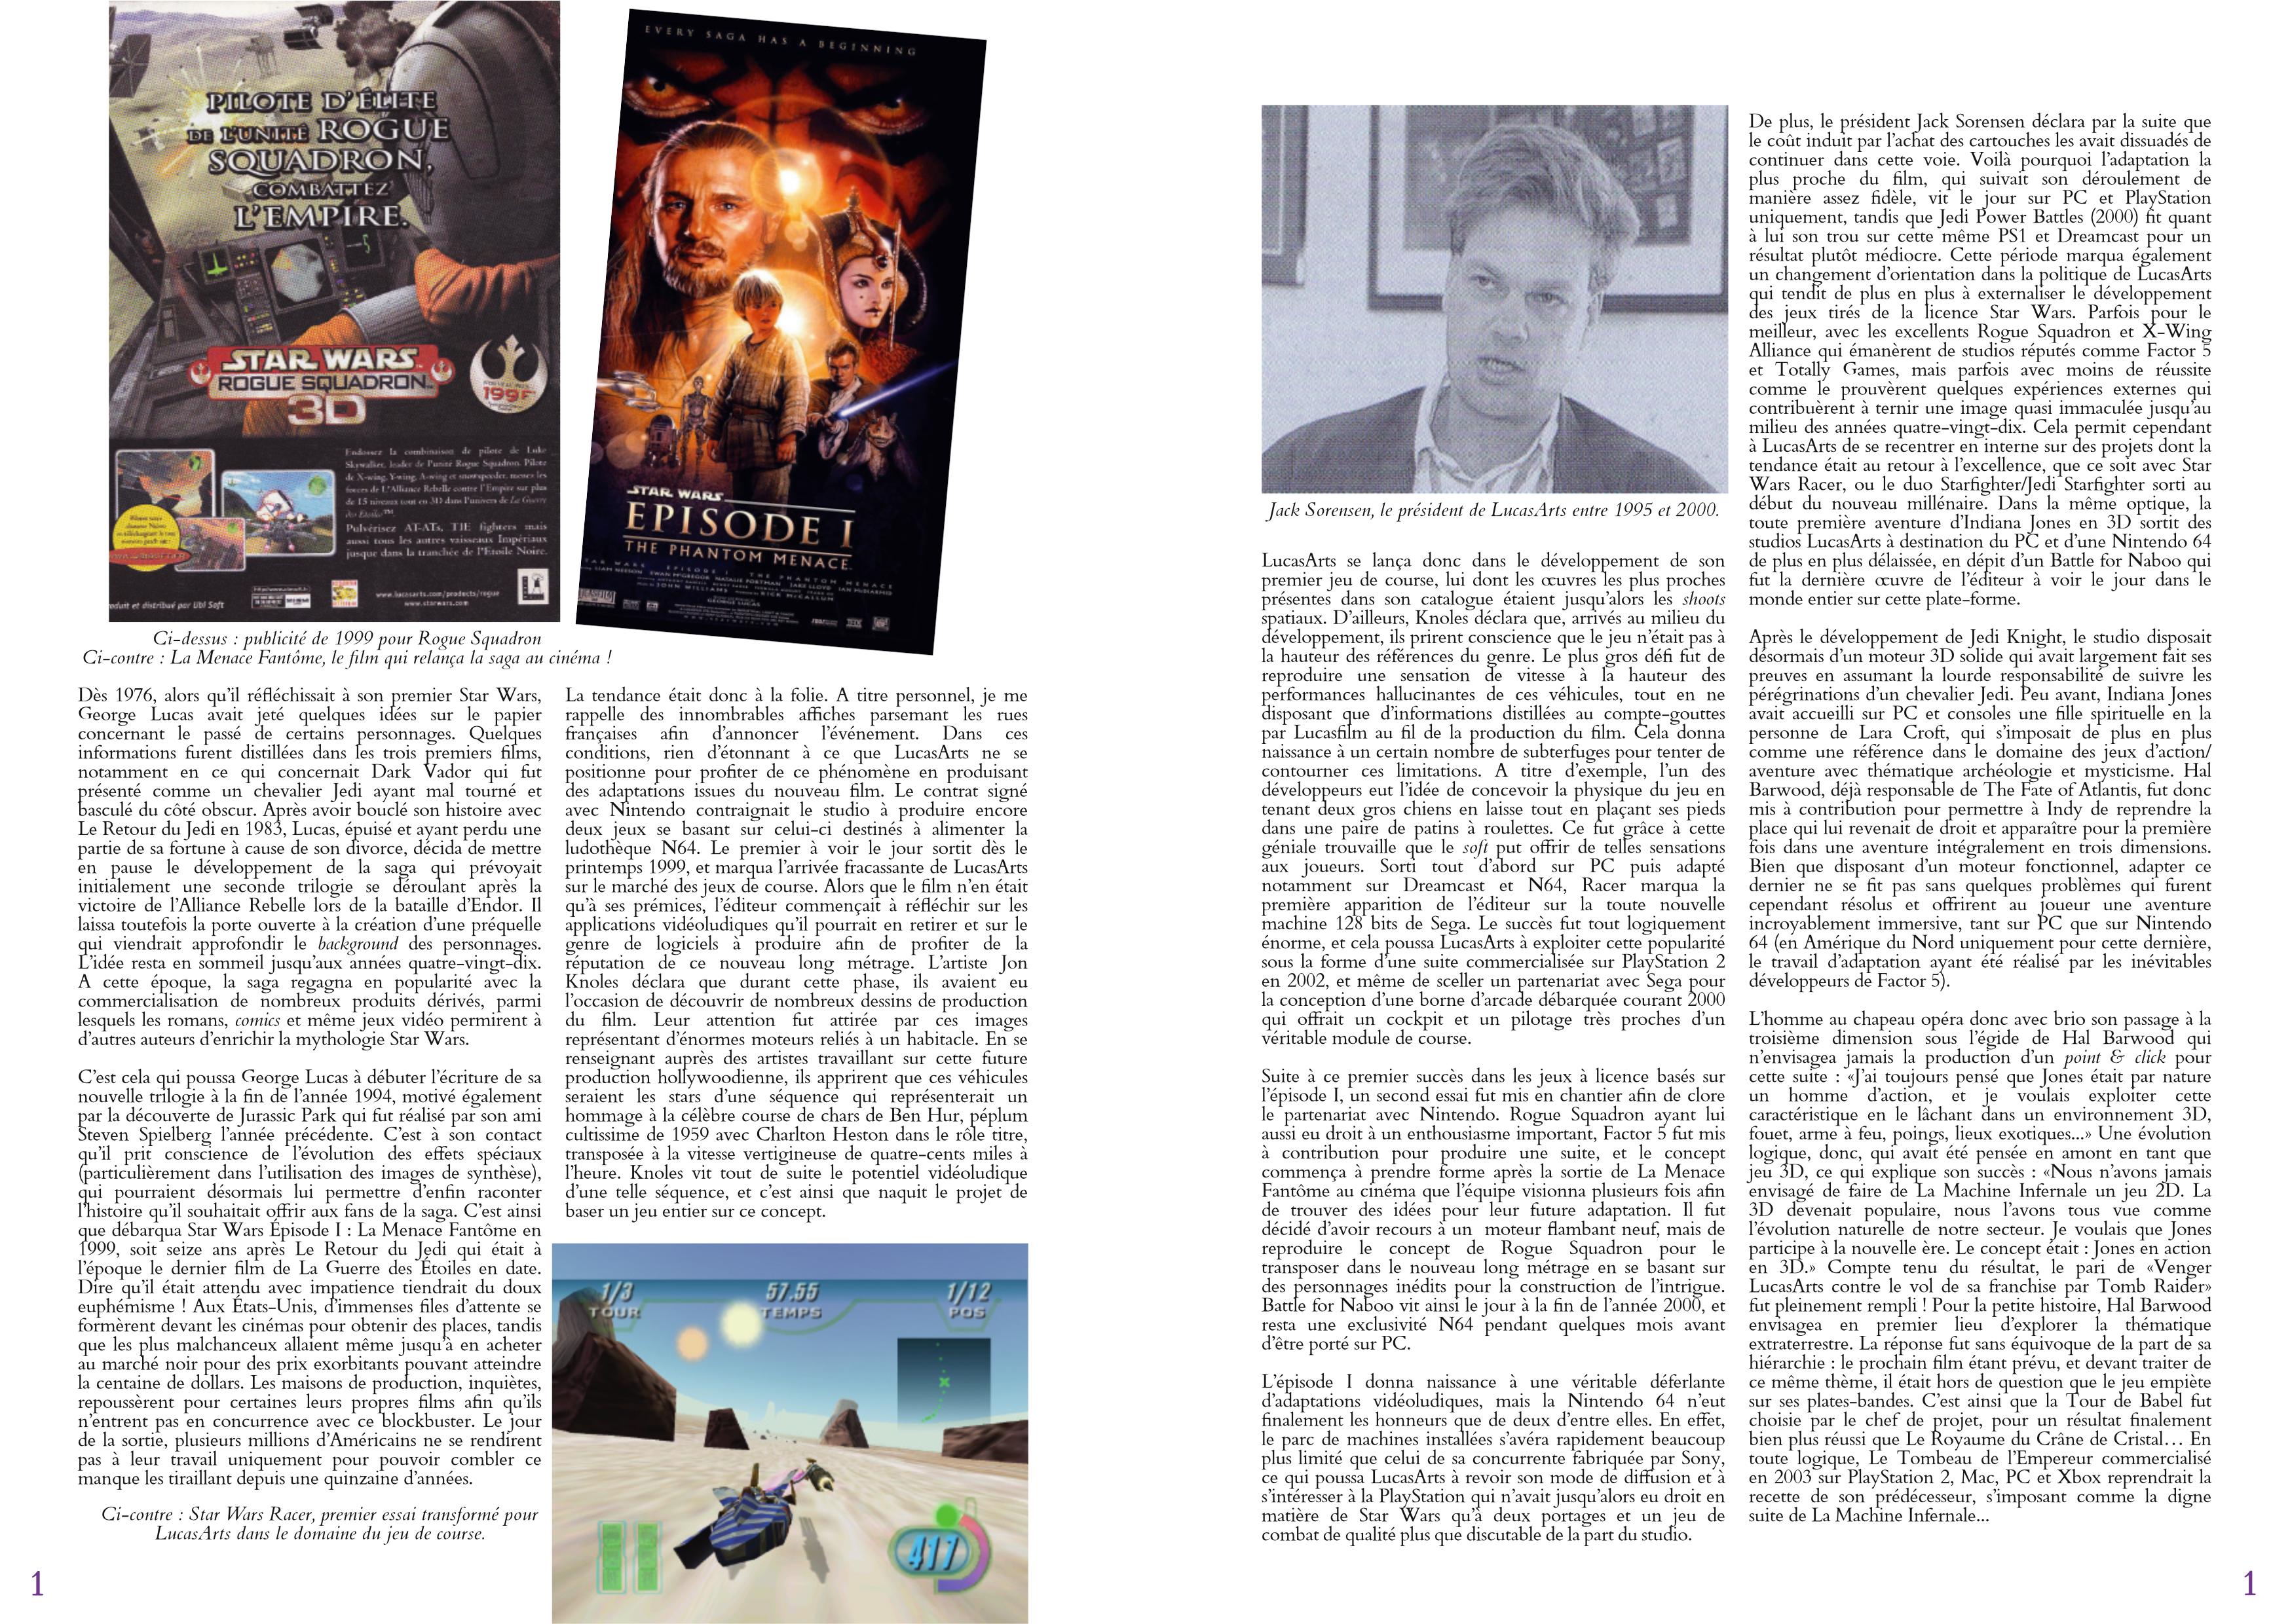 LucasArts les chroniques extrait histoire partie 8 -